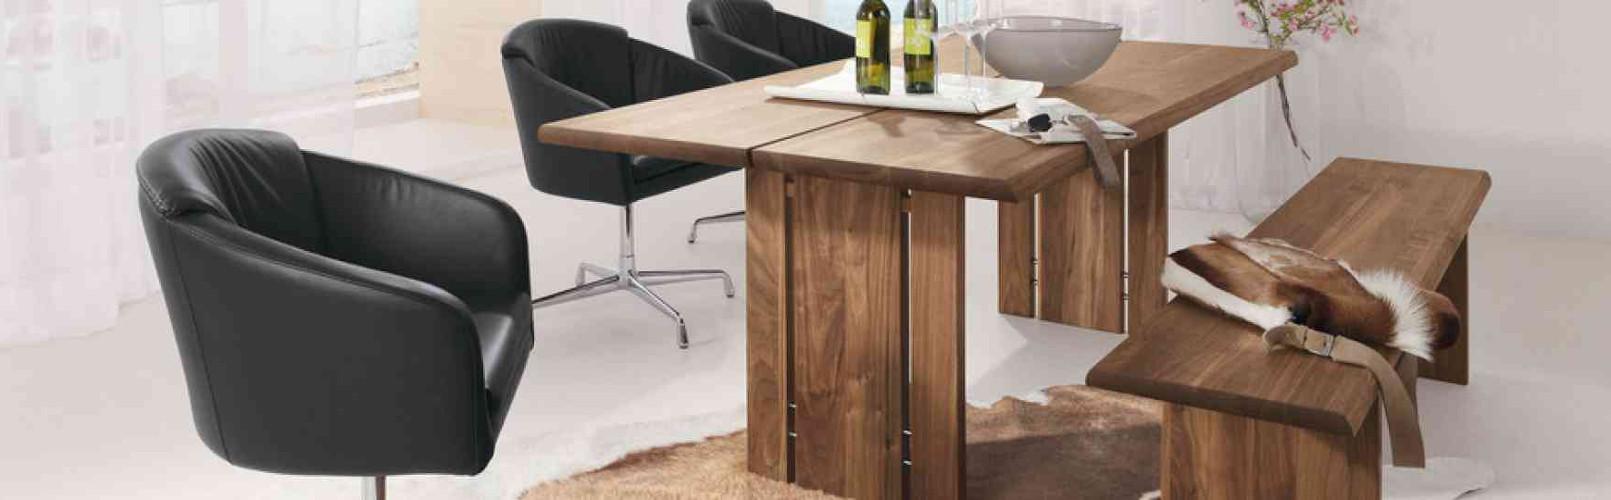 Cadeiras Modernas Para Sala De Jantar Estofadas Design Como Escolher -> Acabamento Sala De Jantar